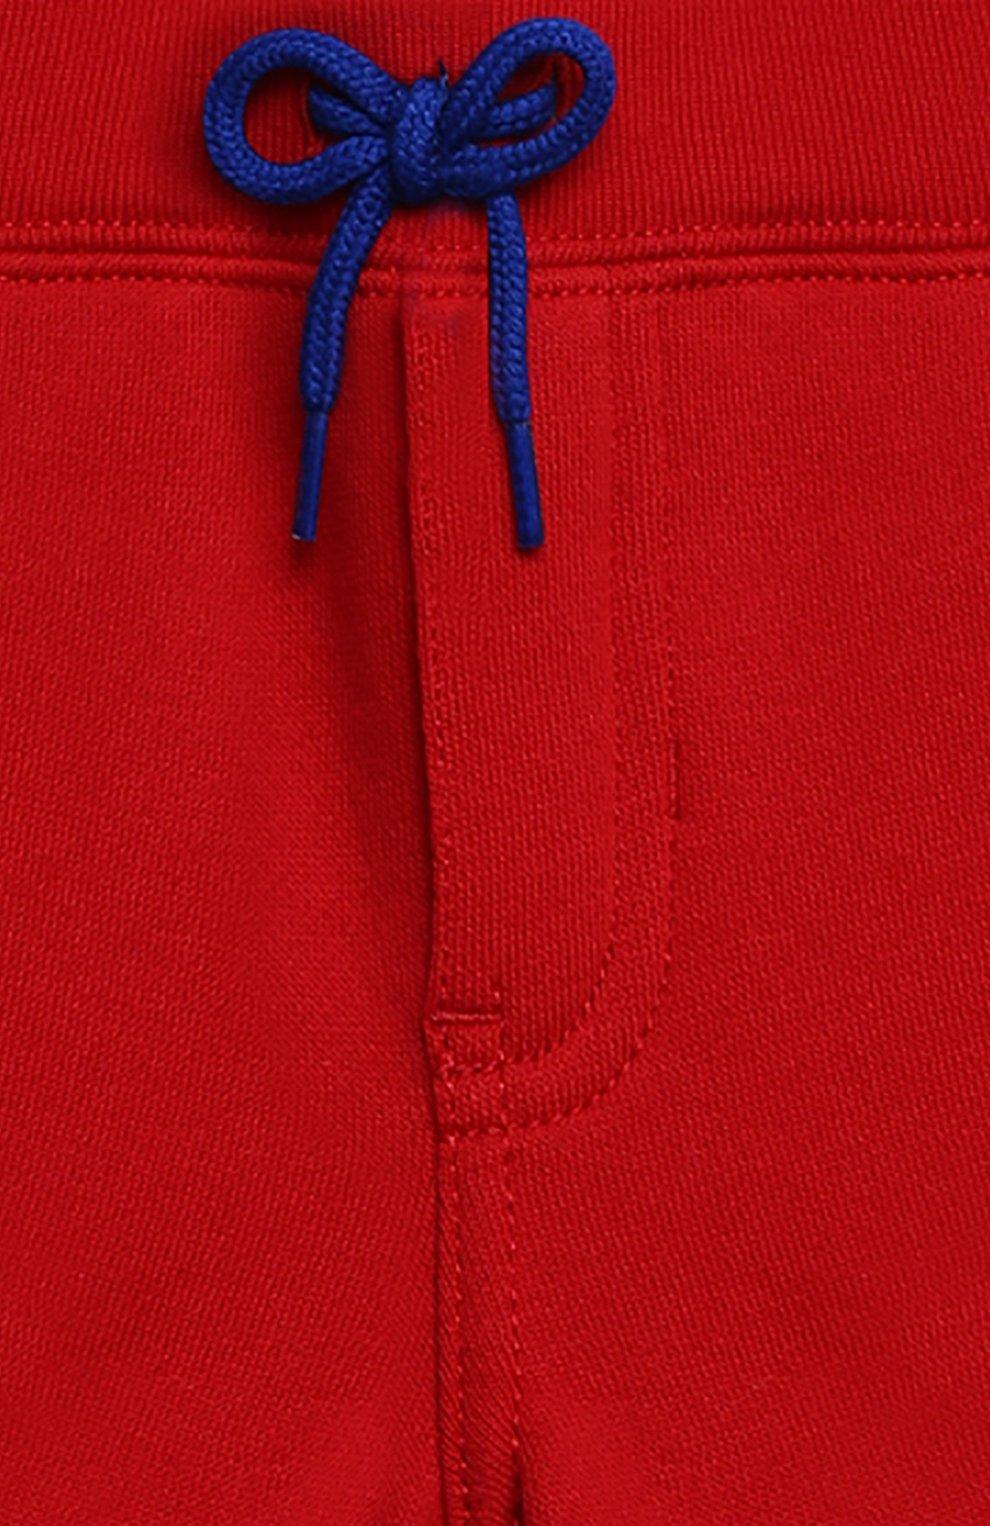 Детский комплект из футболки и шорт POLO RALPH LAUREN красного цвета, арт. 320836013   Фото 7